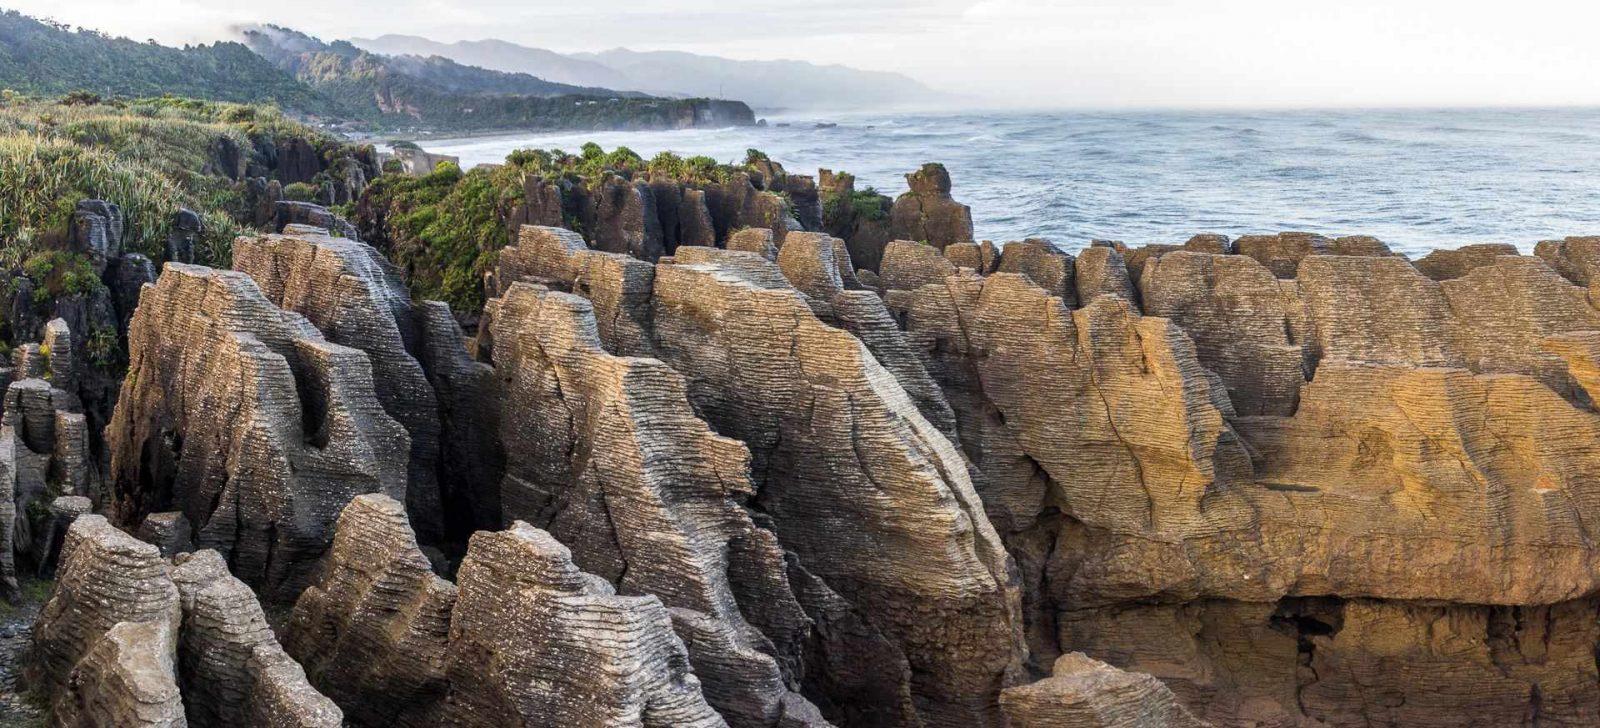 Punakaiki (Pancake) Rocks